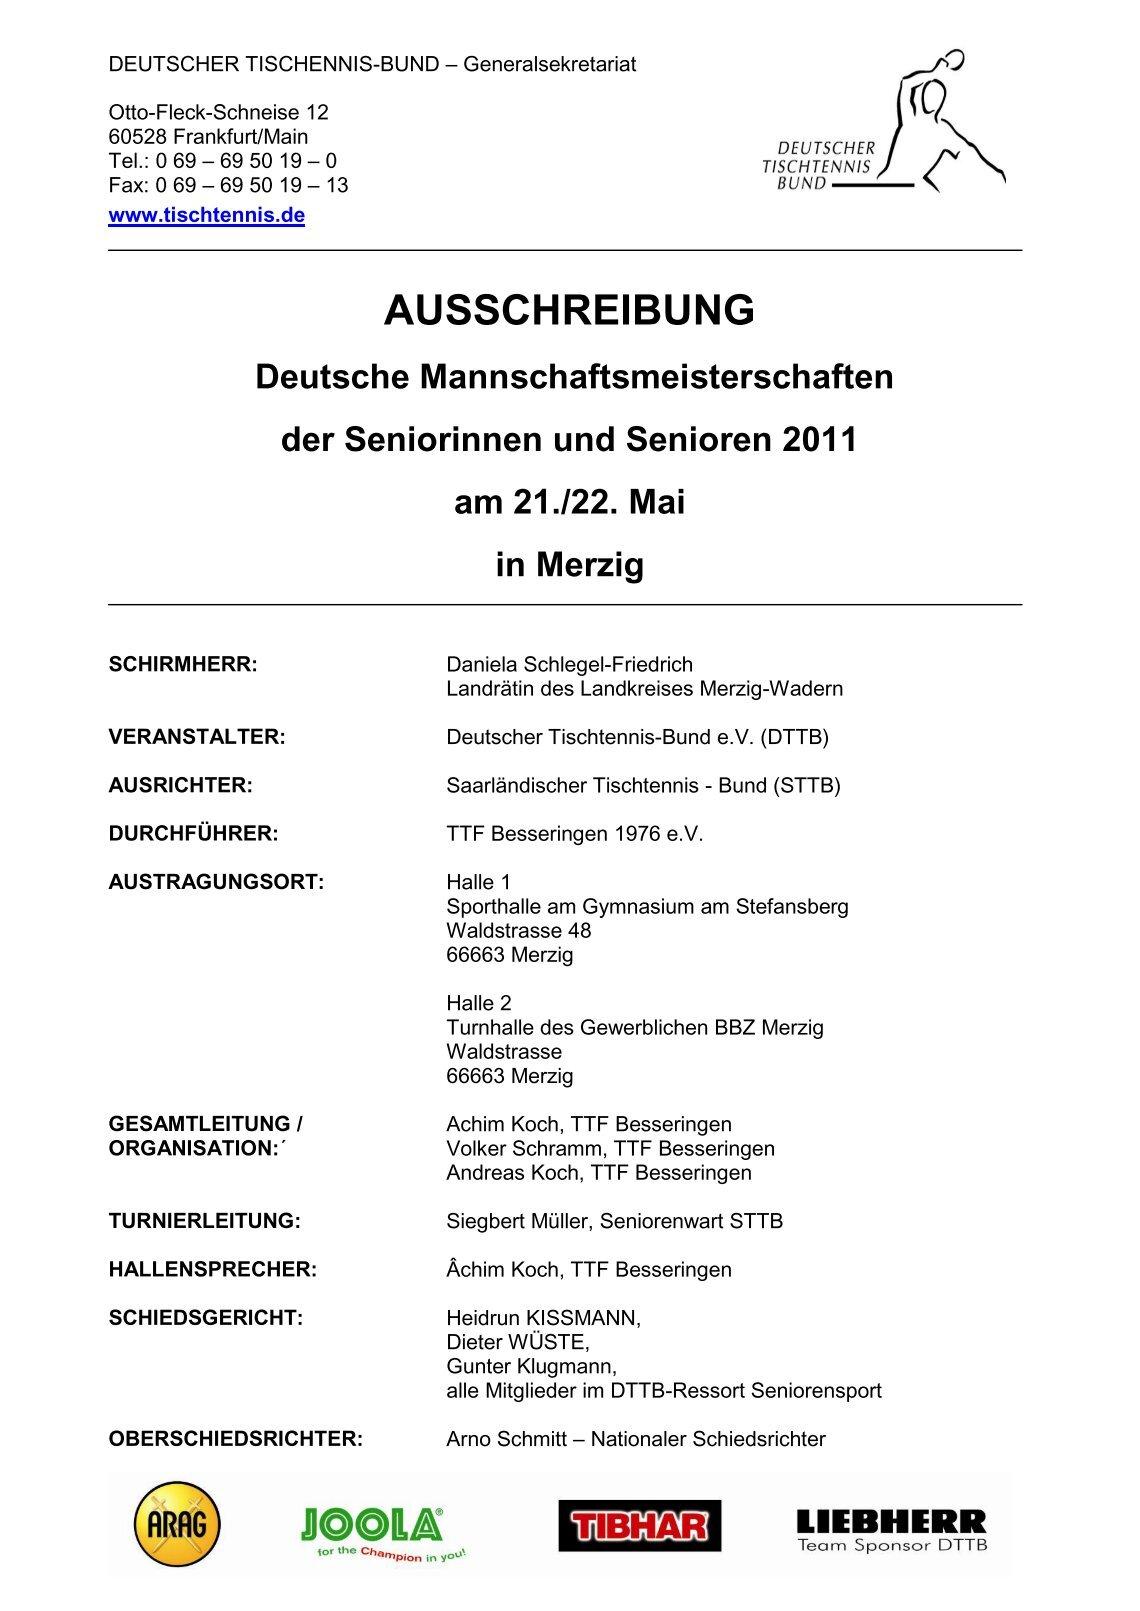 Charmant Ausschreibung Vorschlag Vorlage Ideen - Entry Level Resume ...